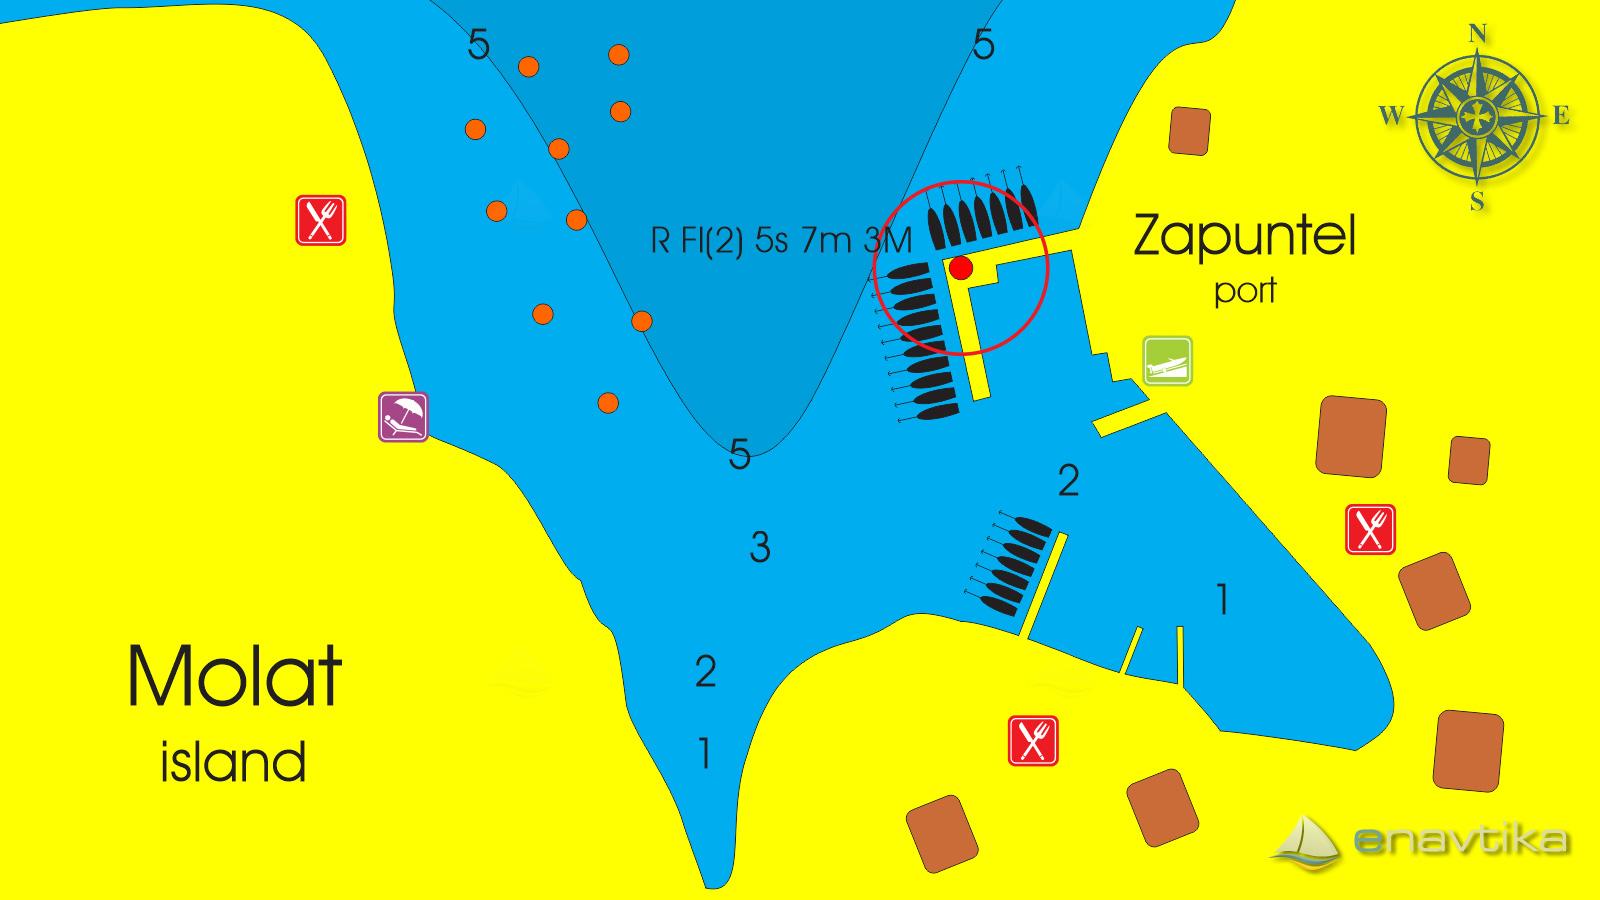 Slika Zapuntel 2